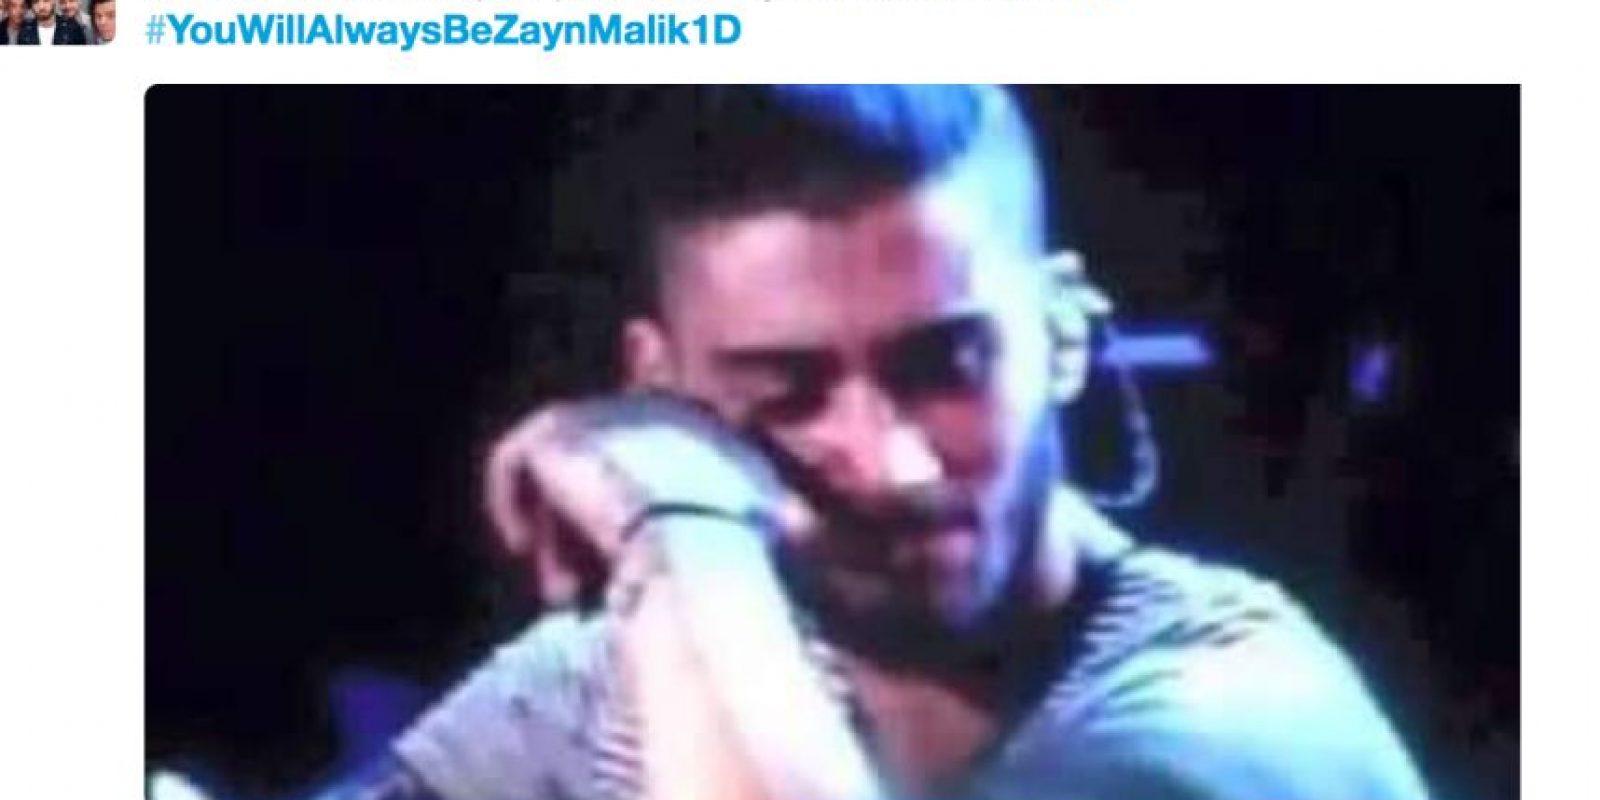 """Así han expresado su """"dolor"""" las fans de """"One Direction"""" por el cambio de cuenta de Zayn Malik Foto:vía Twitter"""